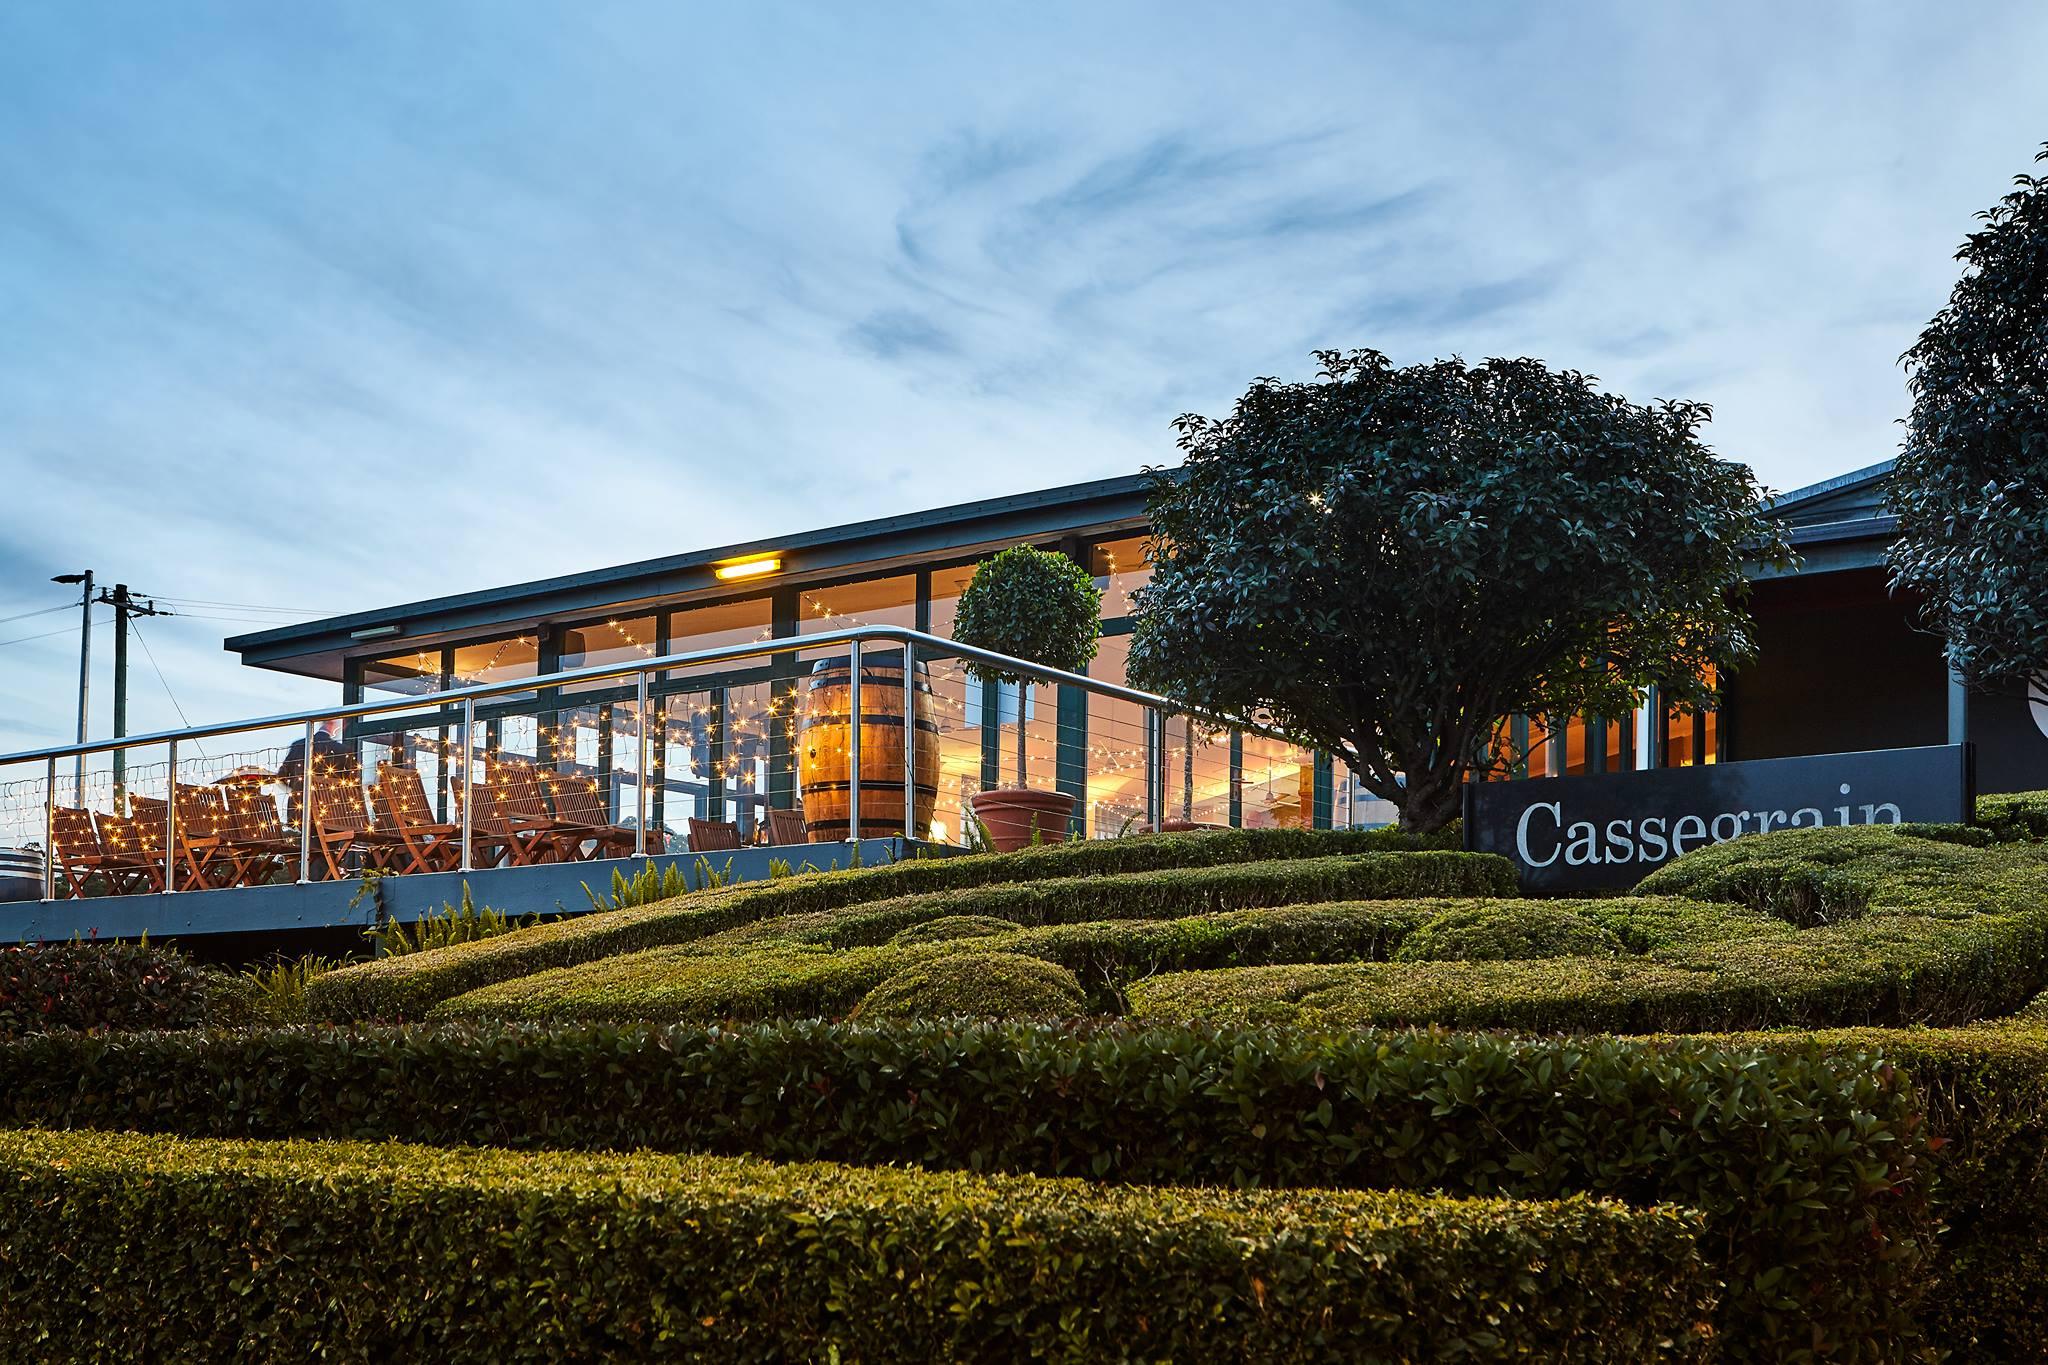 Cassegrain Winery